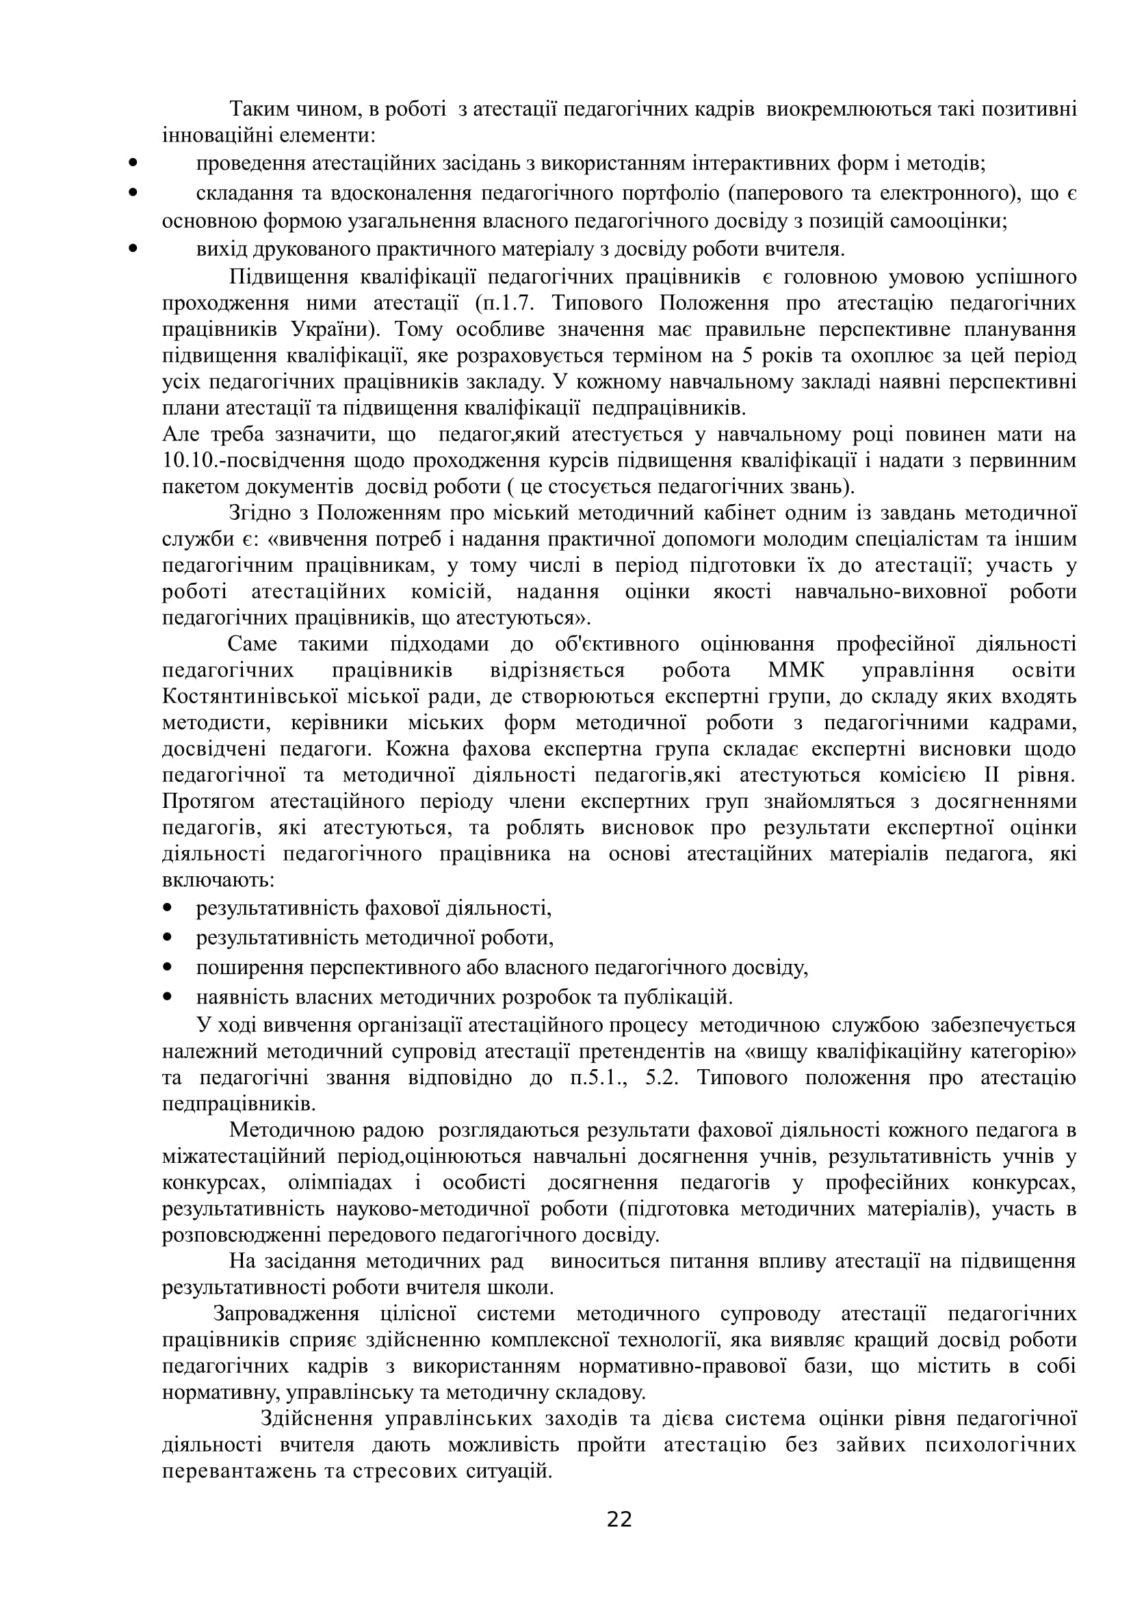 Костянтинівка 2018-2019 - ММК план роботи-23